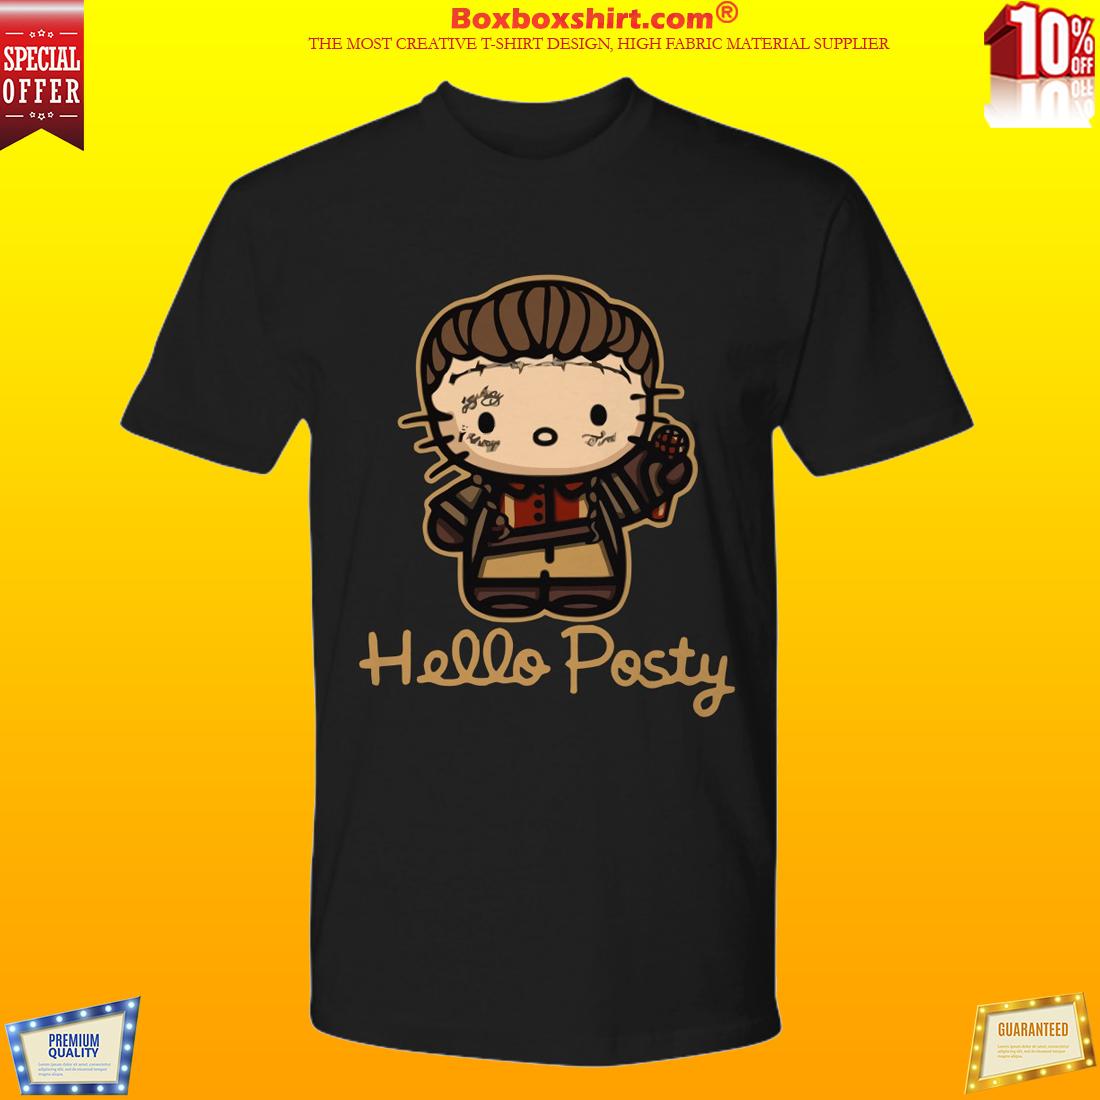 Post Malone Hello posty premium tee shirt